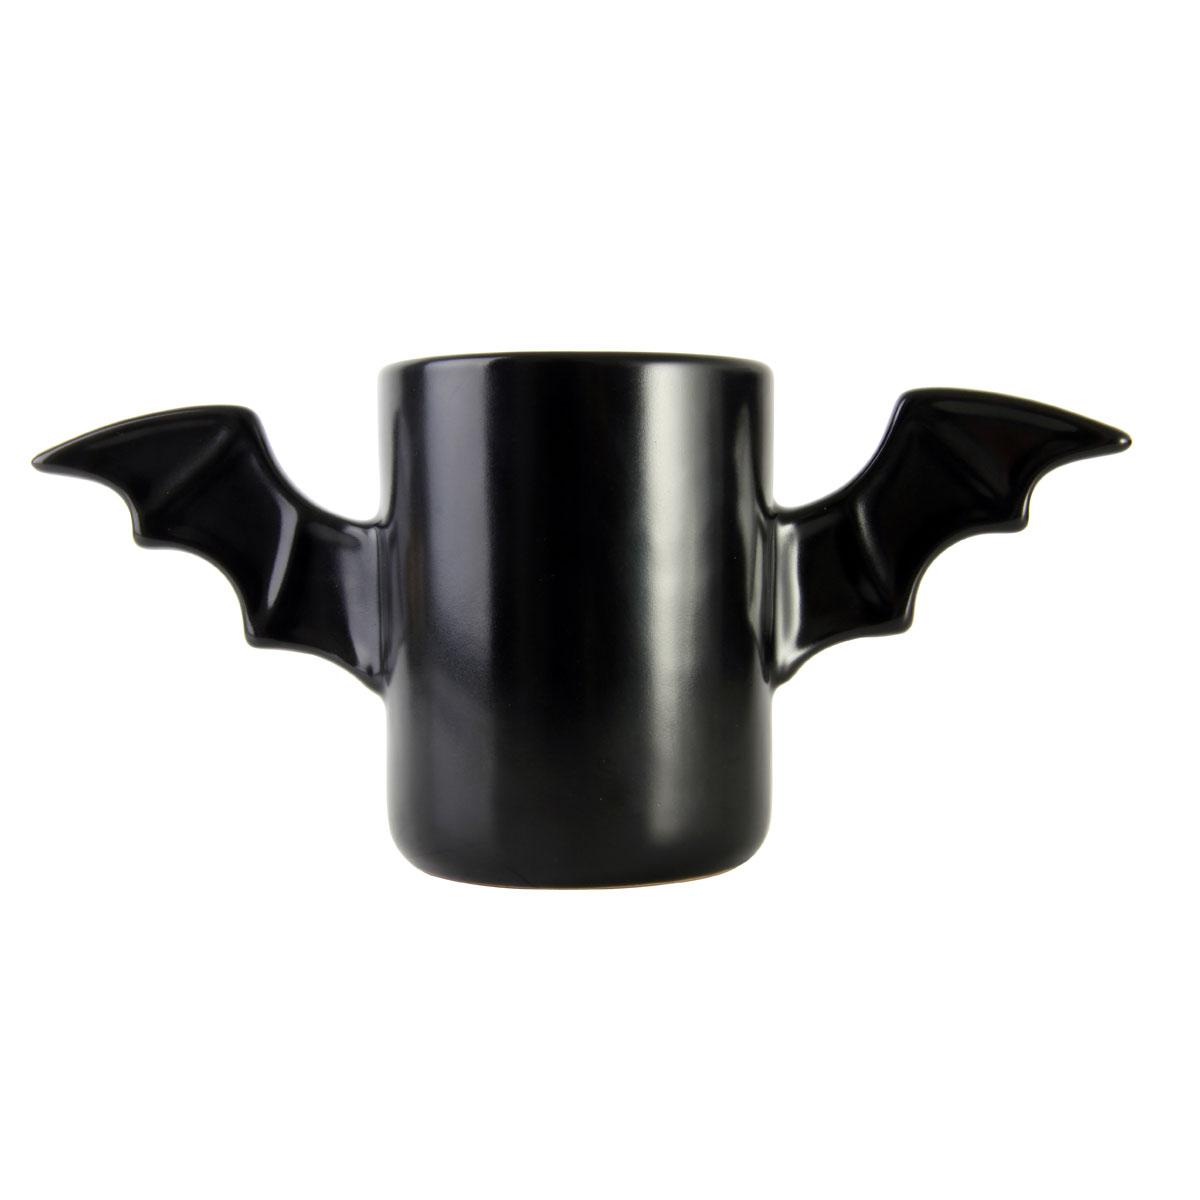 Afbeelding The Bat Mug Mok 300 ml - Zwart door YourSurprise.nl